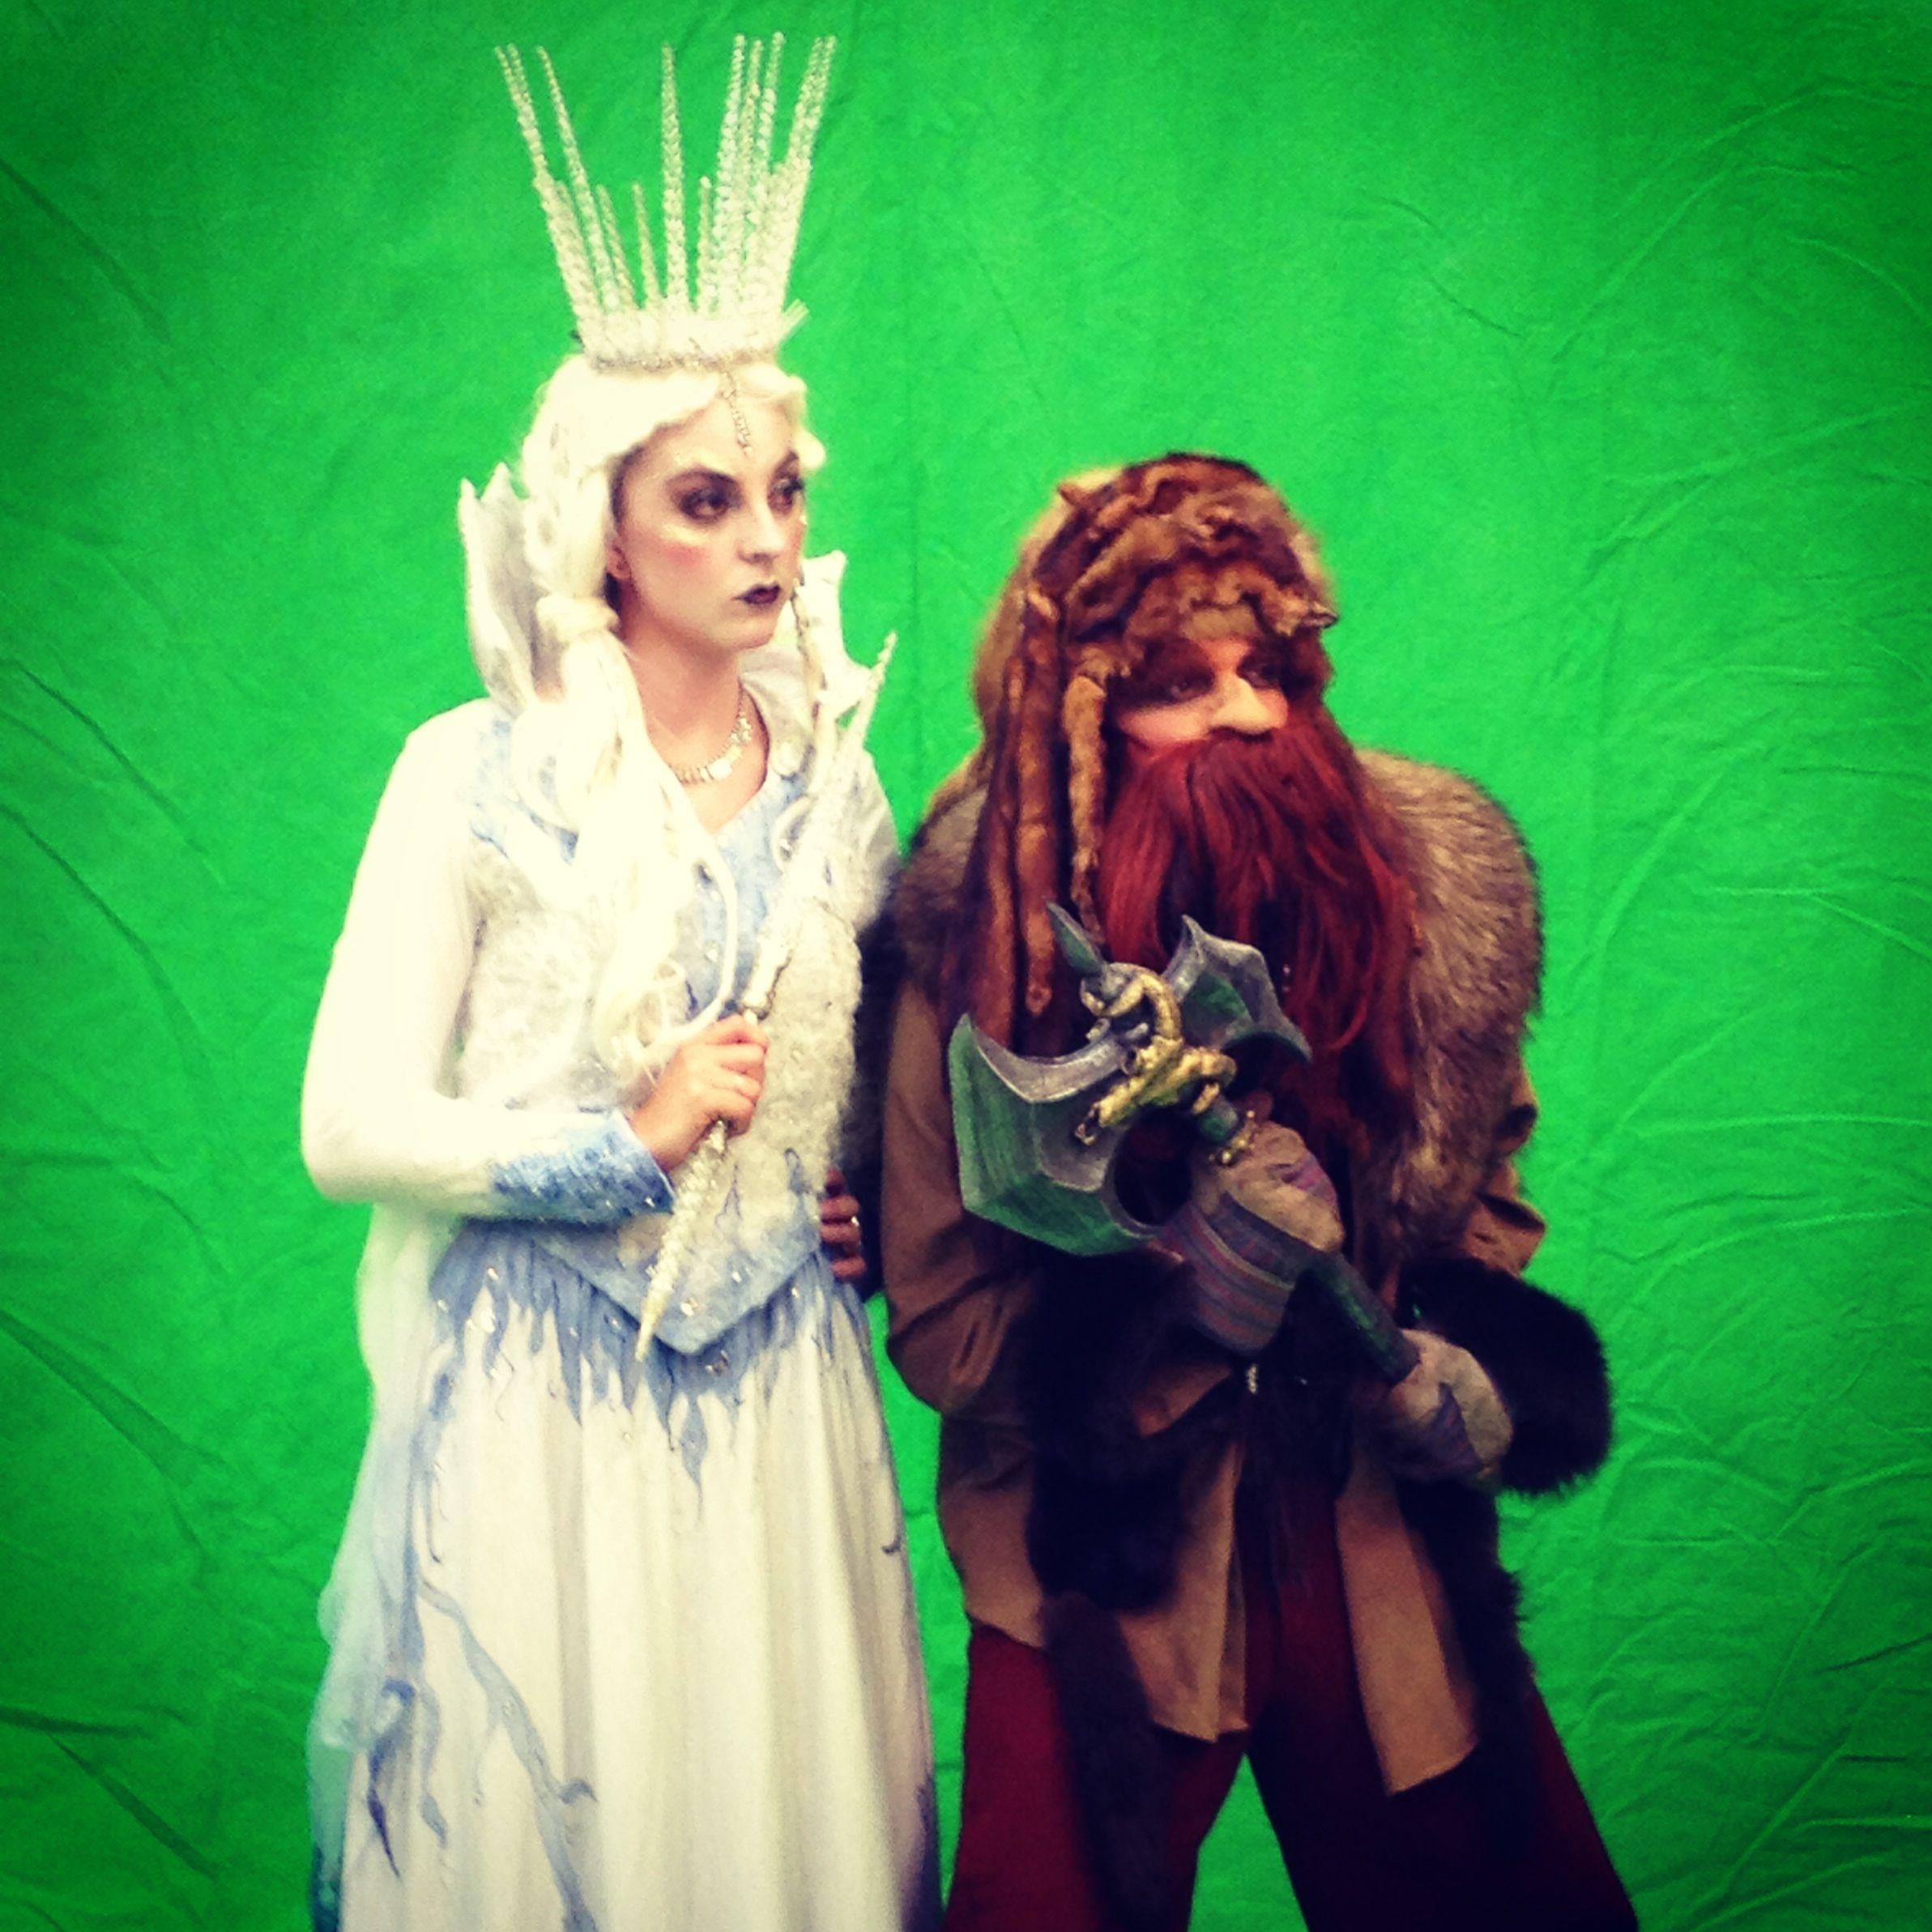 White witch and sidekick dwarf. #narnia | Narnia | Pinterest ...